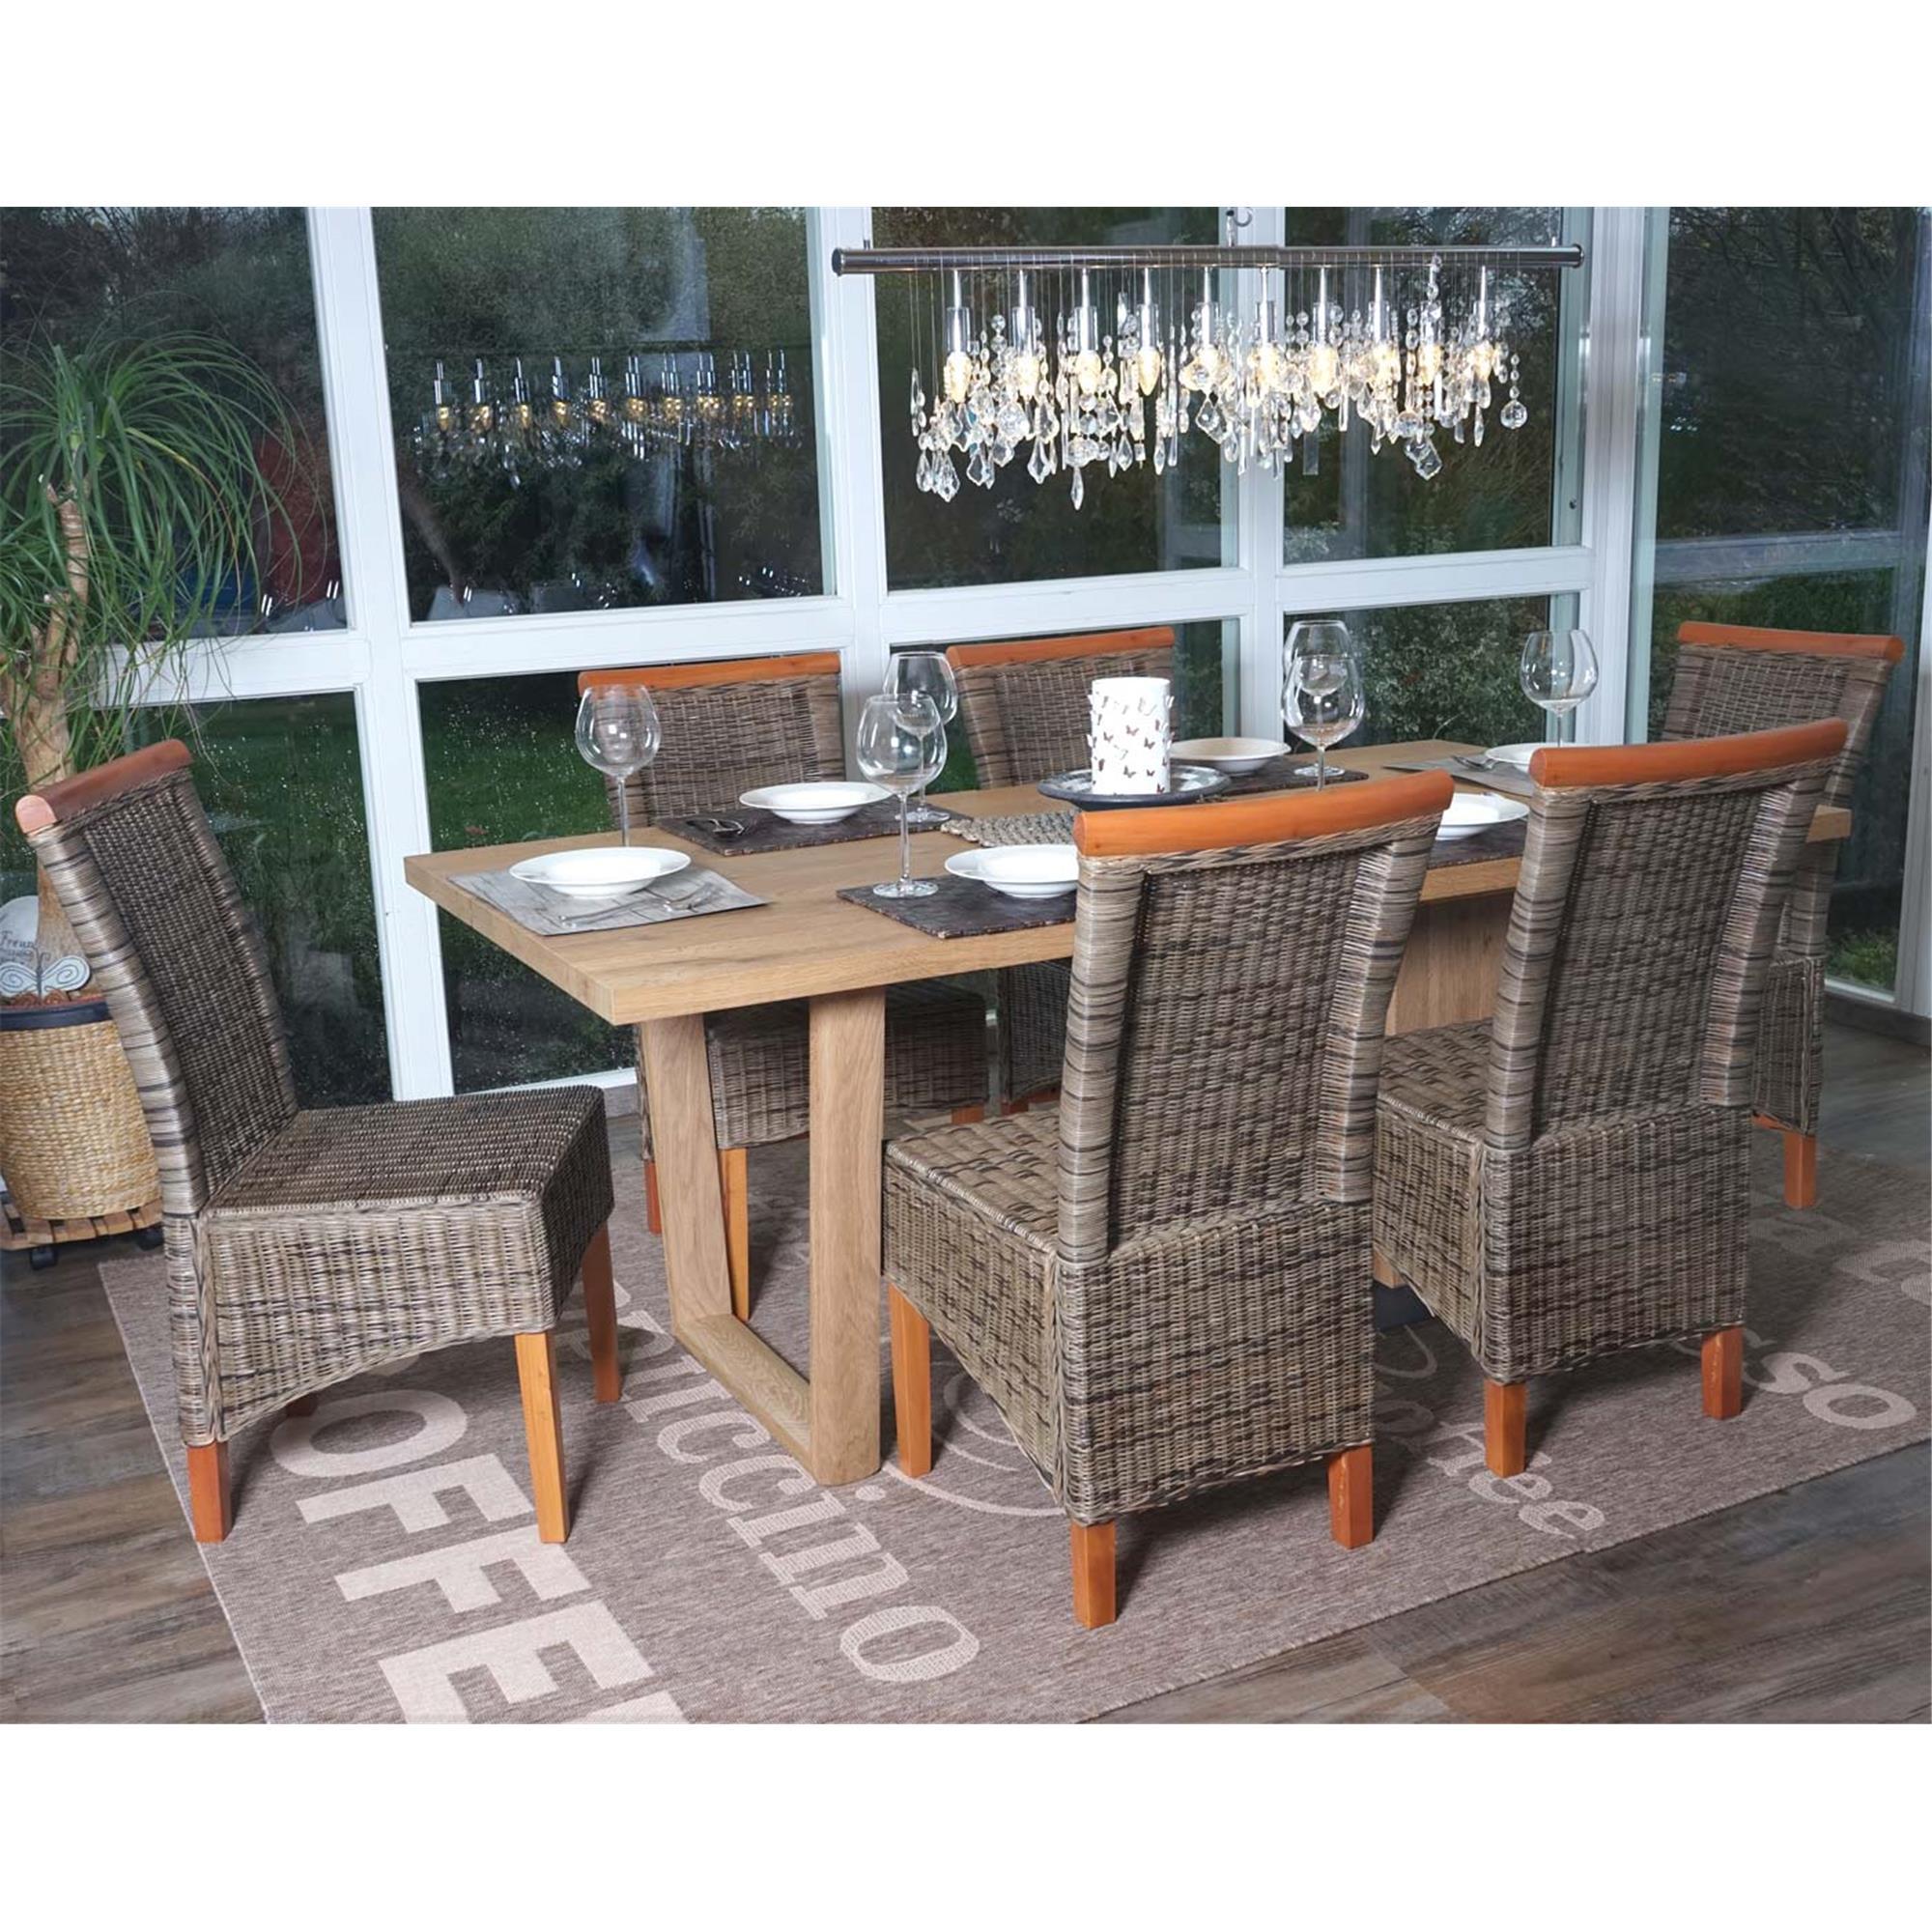 Lote 4 sillas comedor o jardin sedri en mimbre marr n for Sillas comedor jardin